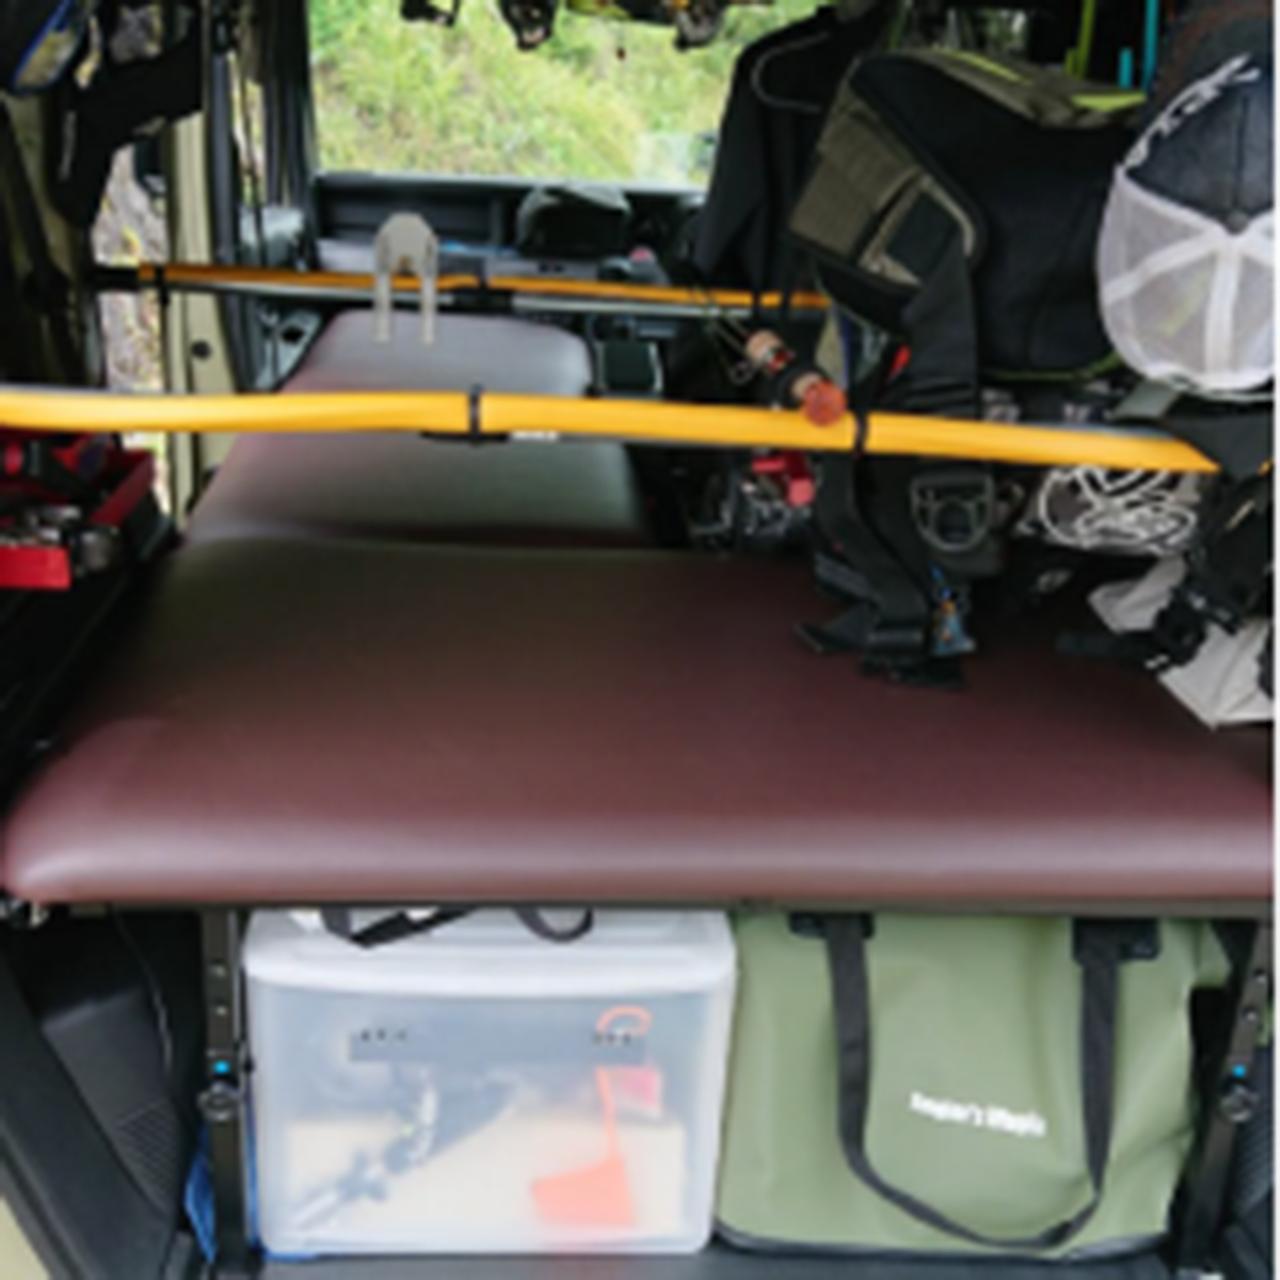 【ユーザーレビュー】エヌバン(N-VAN):釣りやキャンプなどのアウトドア 車中泊におすすめのベッドキット